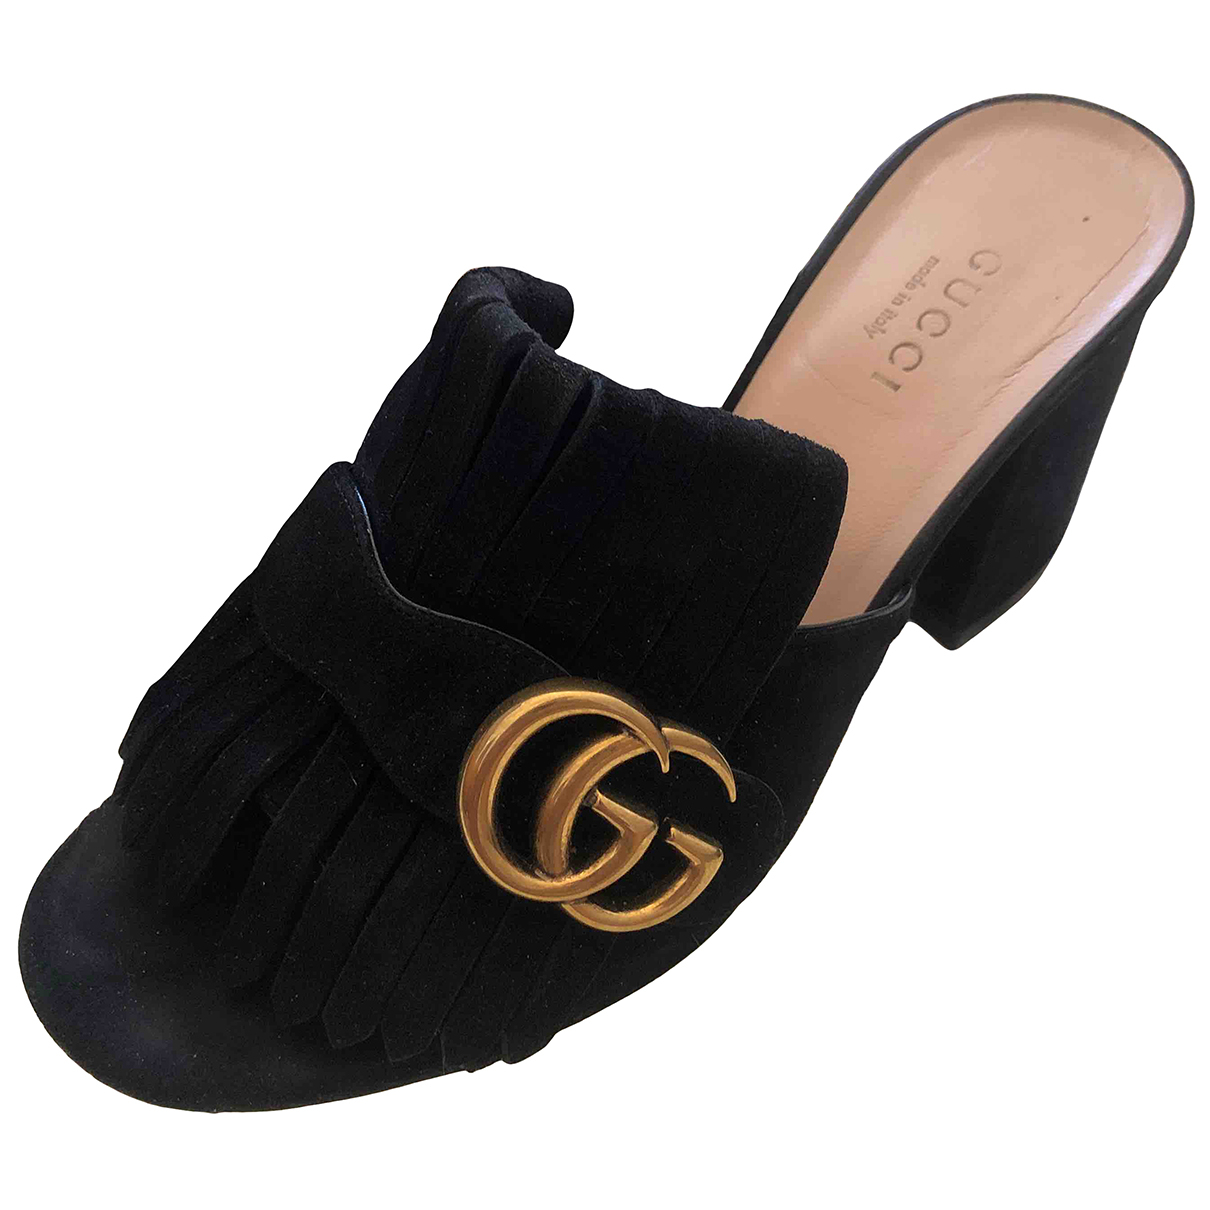 Gucci - Sandales Marmont pour femme en velours - noir